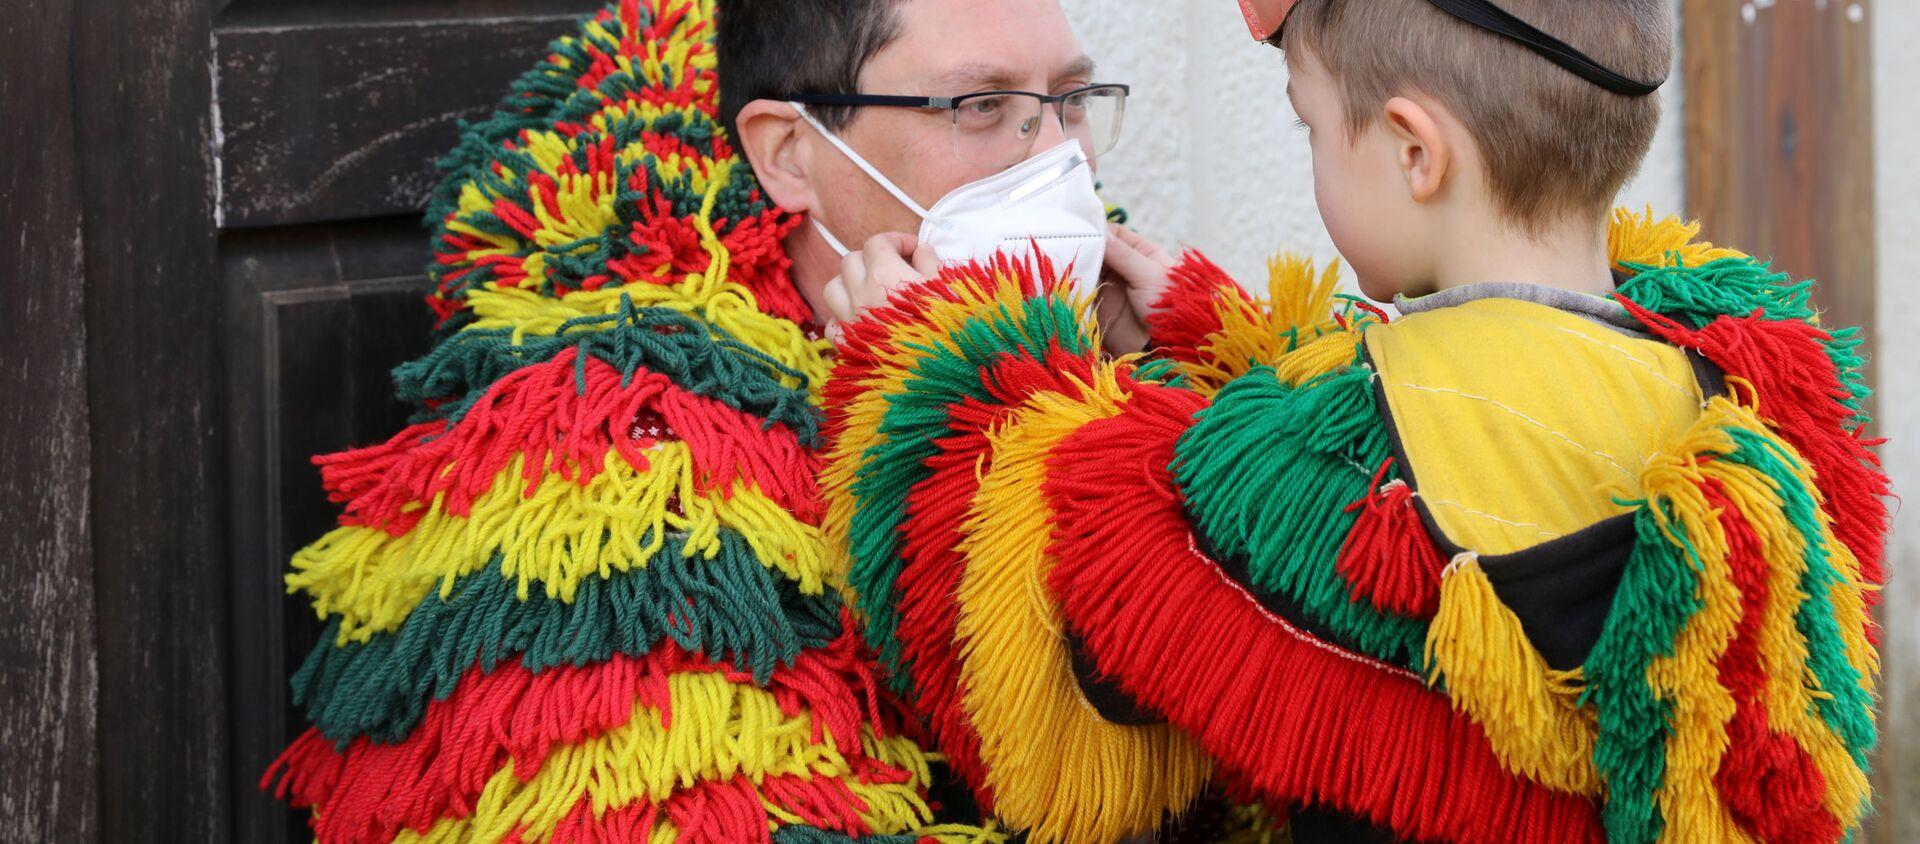 Мужчина с ребенком в традиционных костюмах карнавала, который был отменен из-за коронавируса в Испании - Sputnik Беларусь, 1920, 24.02.2021